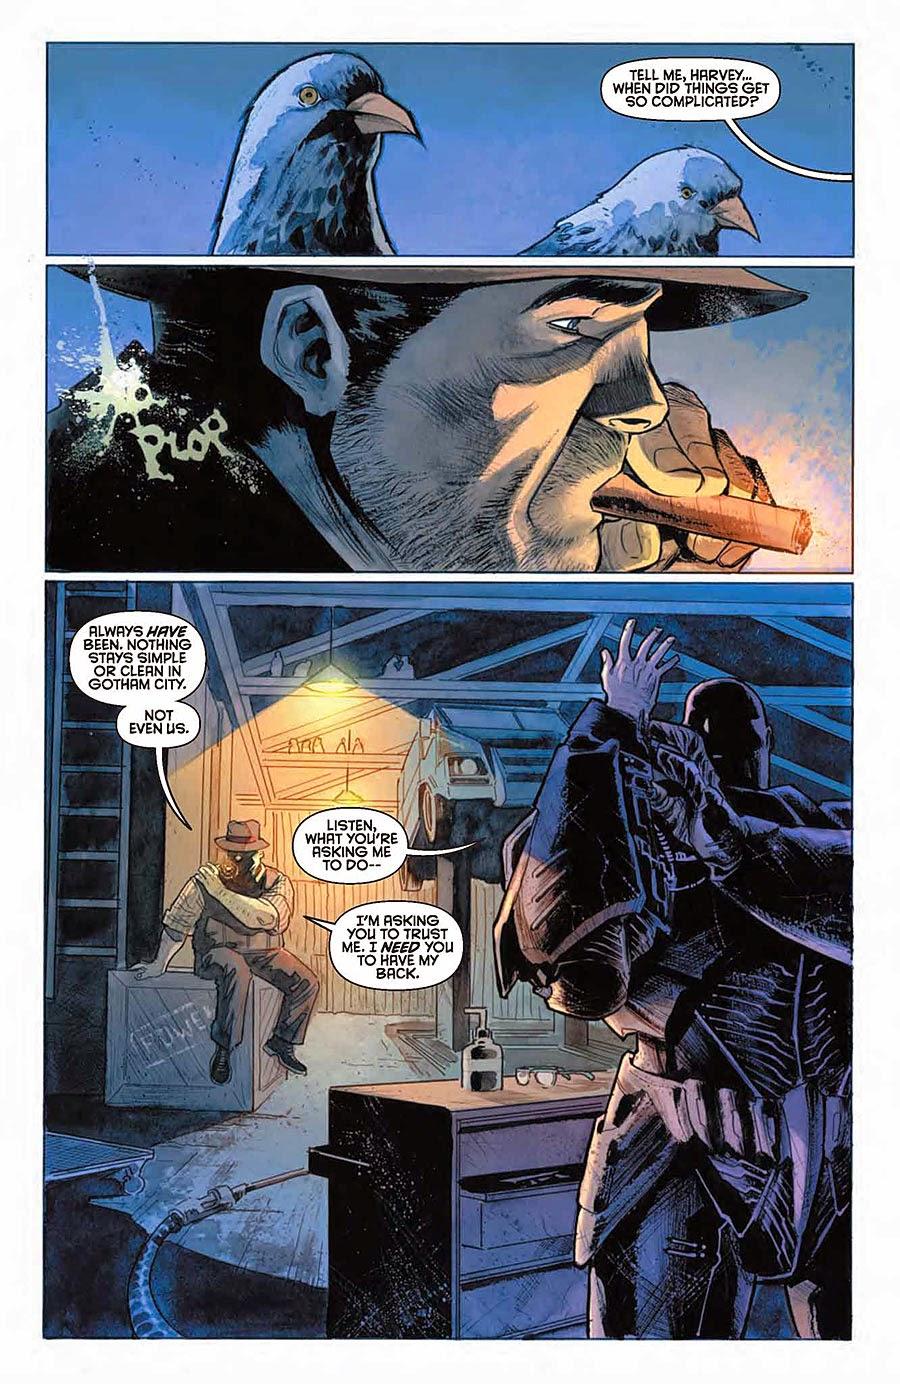 [Batman USA] - Notícias diversas do Morcego !!! - Página 2 DTC-950-dyluxlo-res-crop-Page-2-2048-55490d4a7e7815-29174676-cc7e8